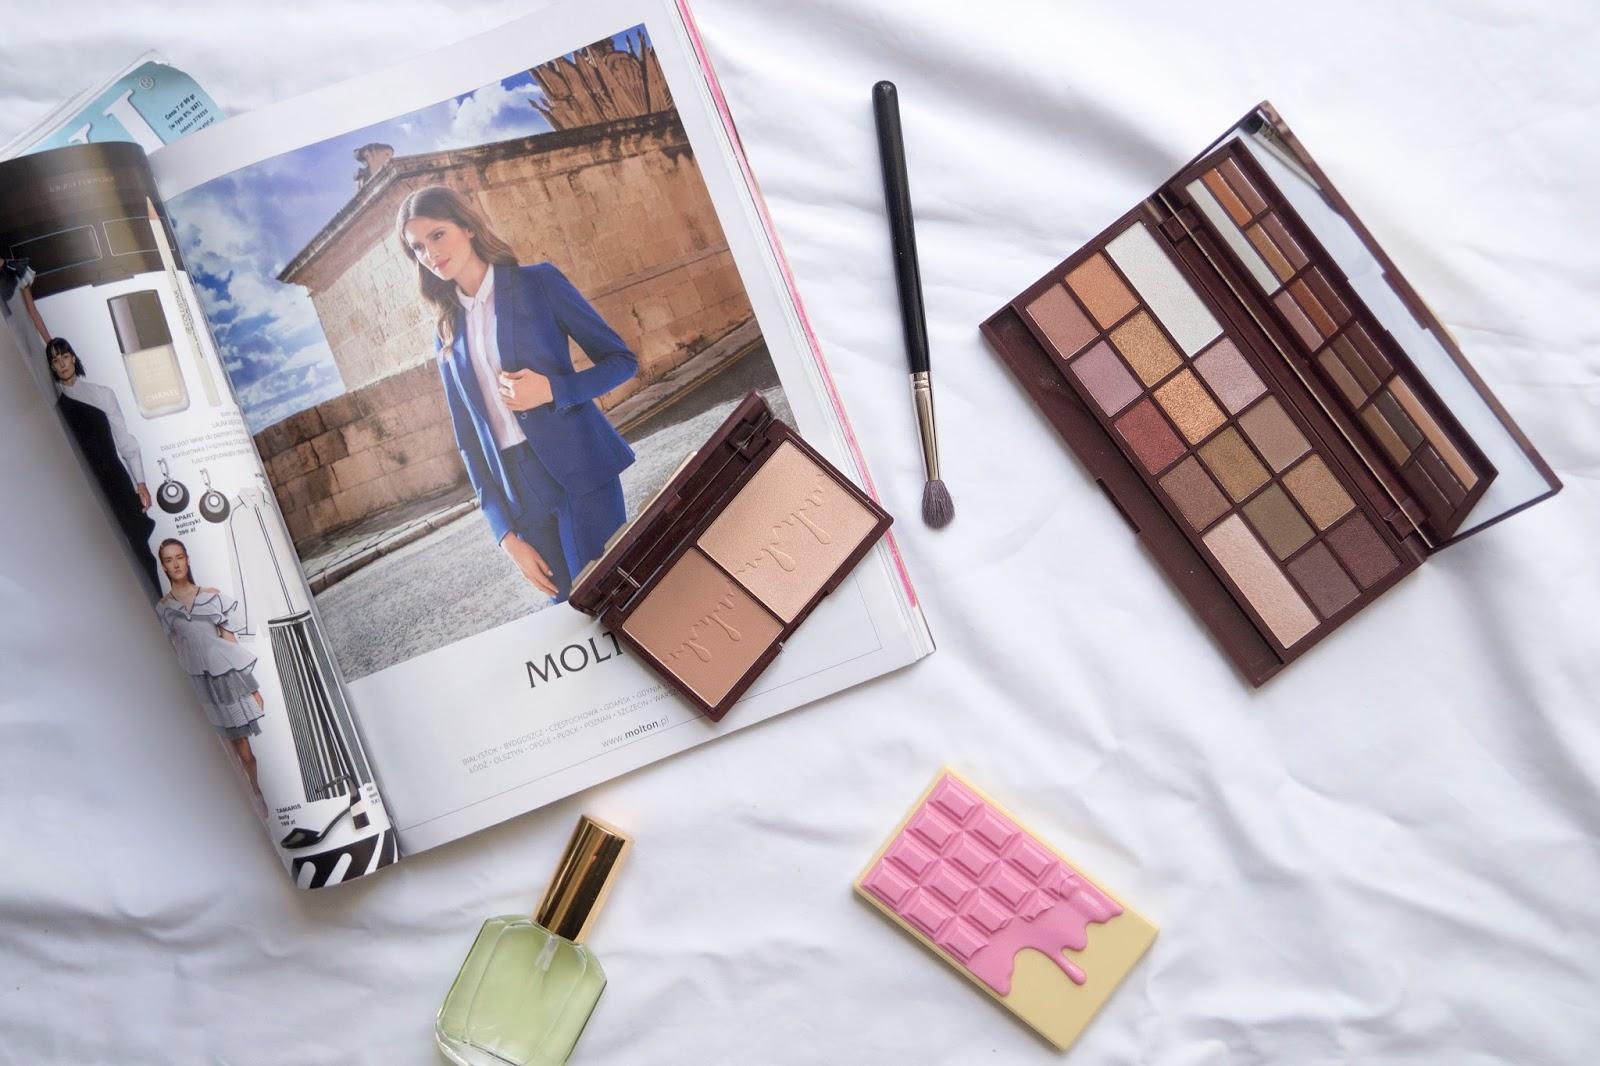 Bajkowy rozświetlacz, matowe pomadki oraz kuszące mini czekoladki. Przegląd nowości od Makeup Revolution